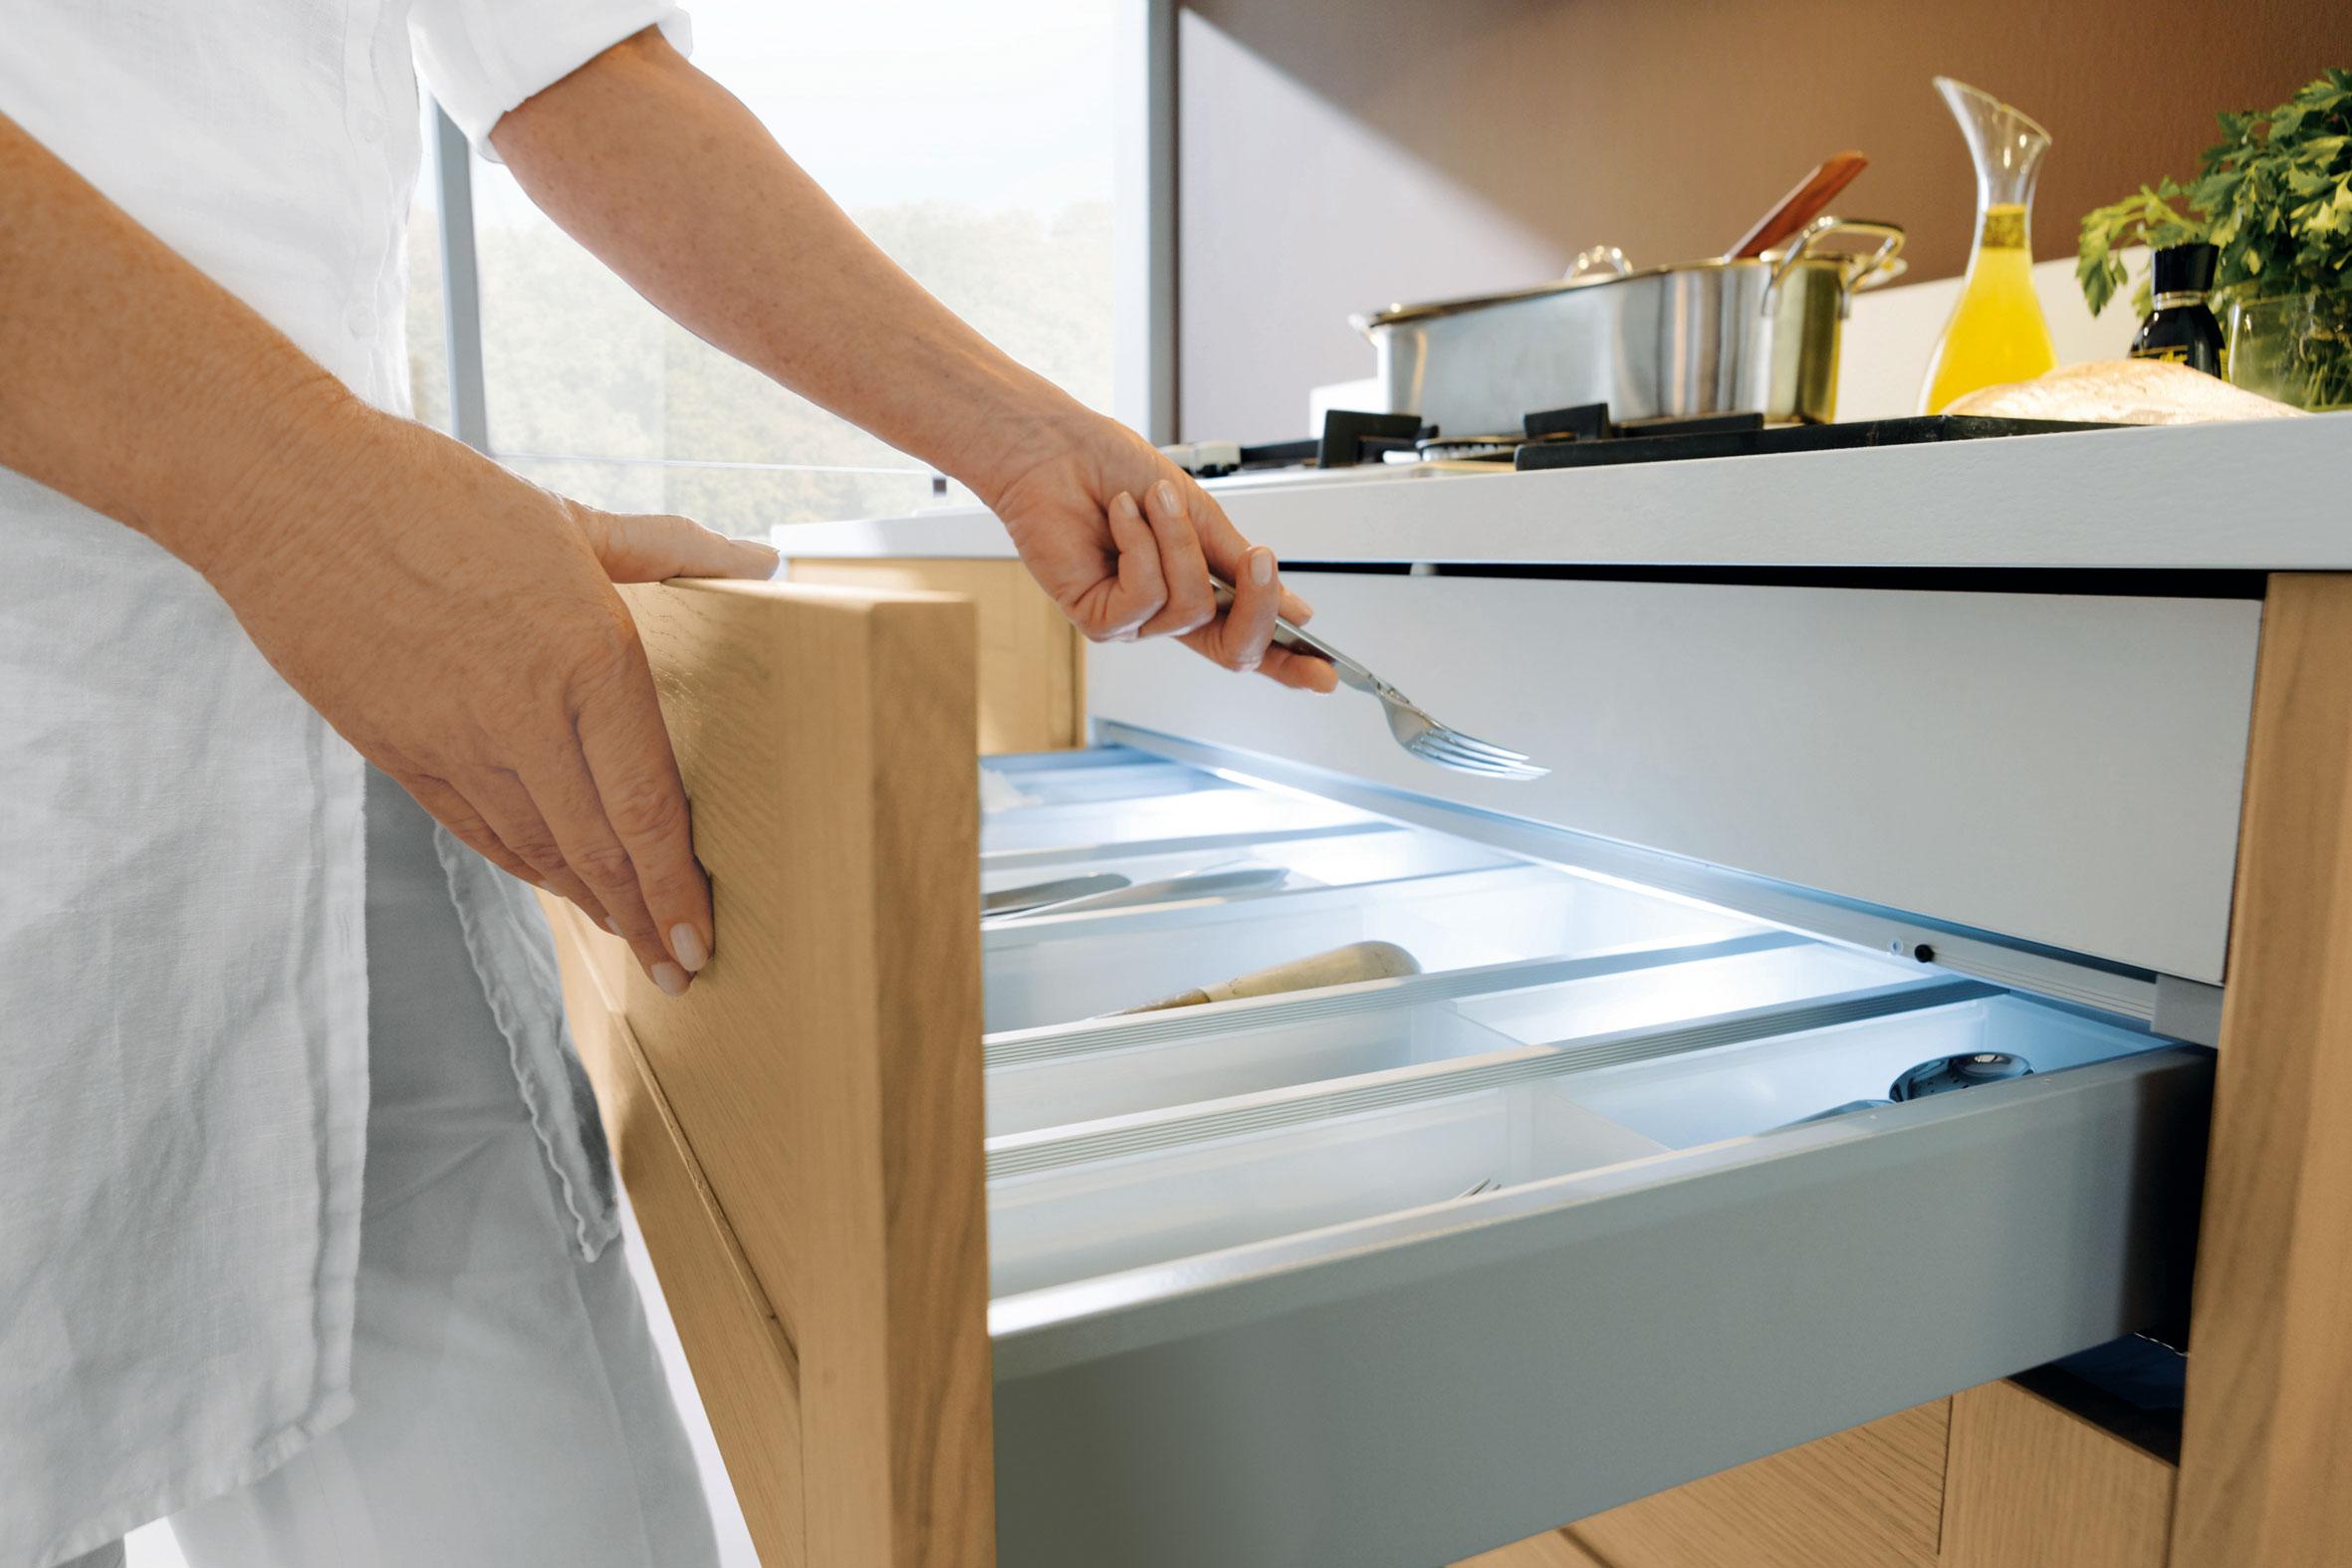 Cuisine bois photos de cuisines en bois 7 photo de for Cuisine moderne en bois